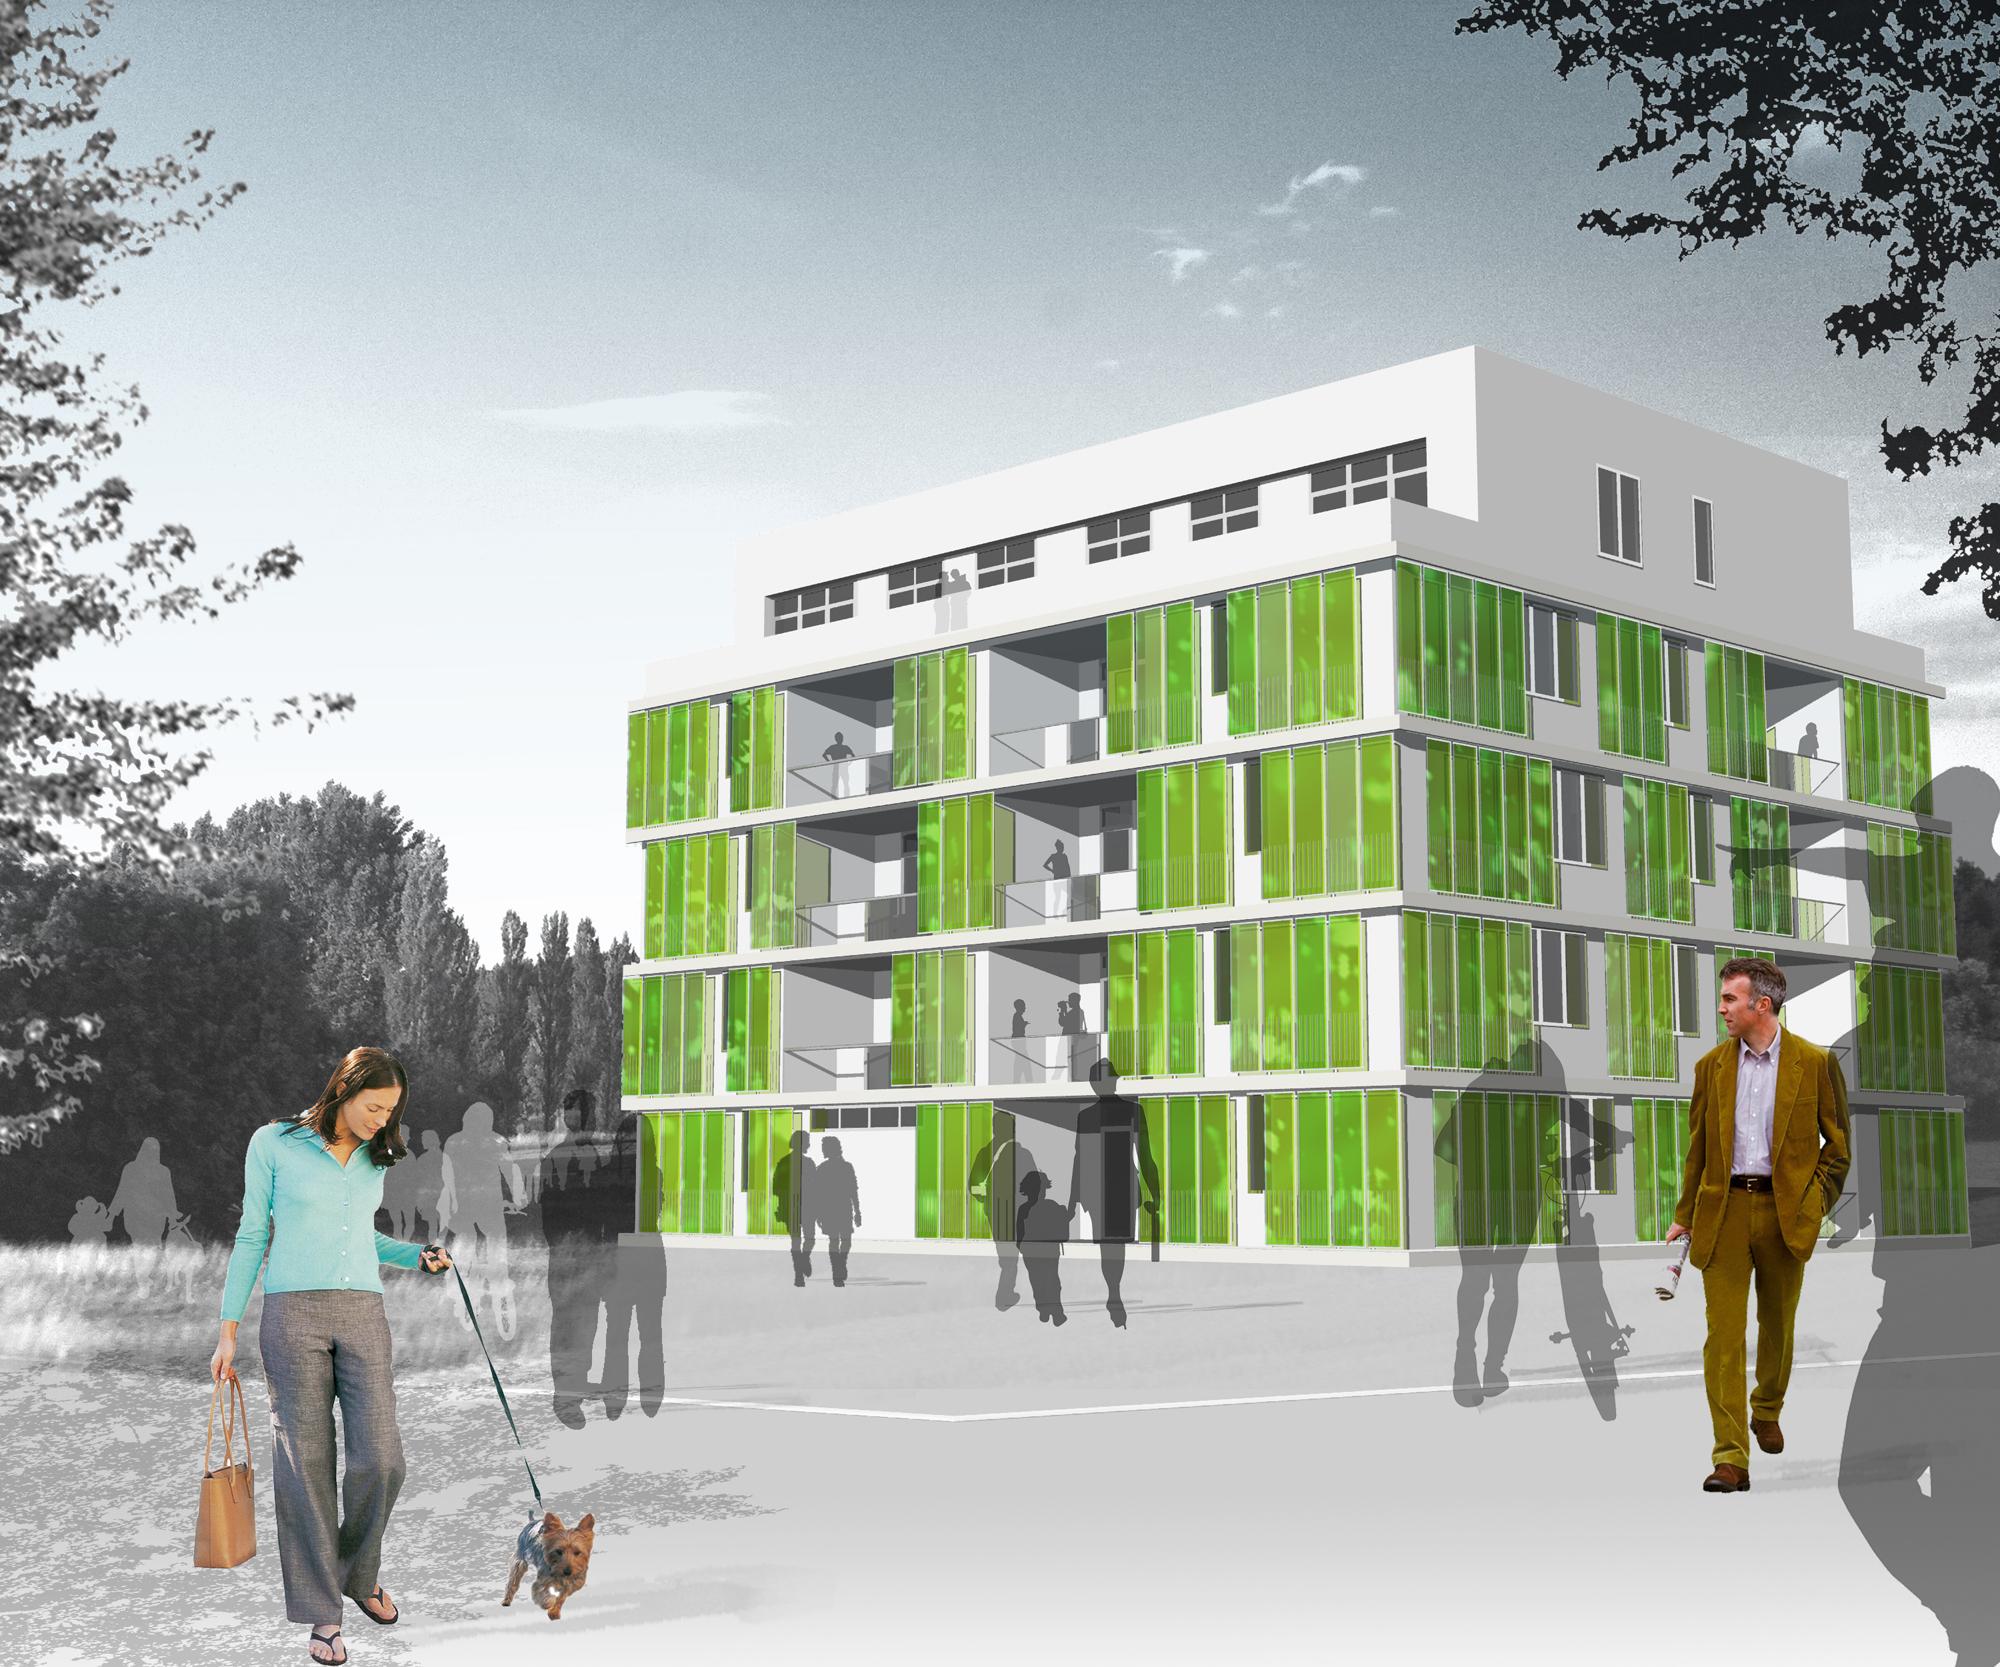 Micro algas: una novedosa solución para fachadas verdes